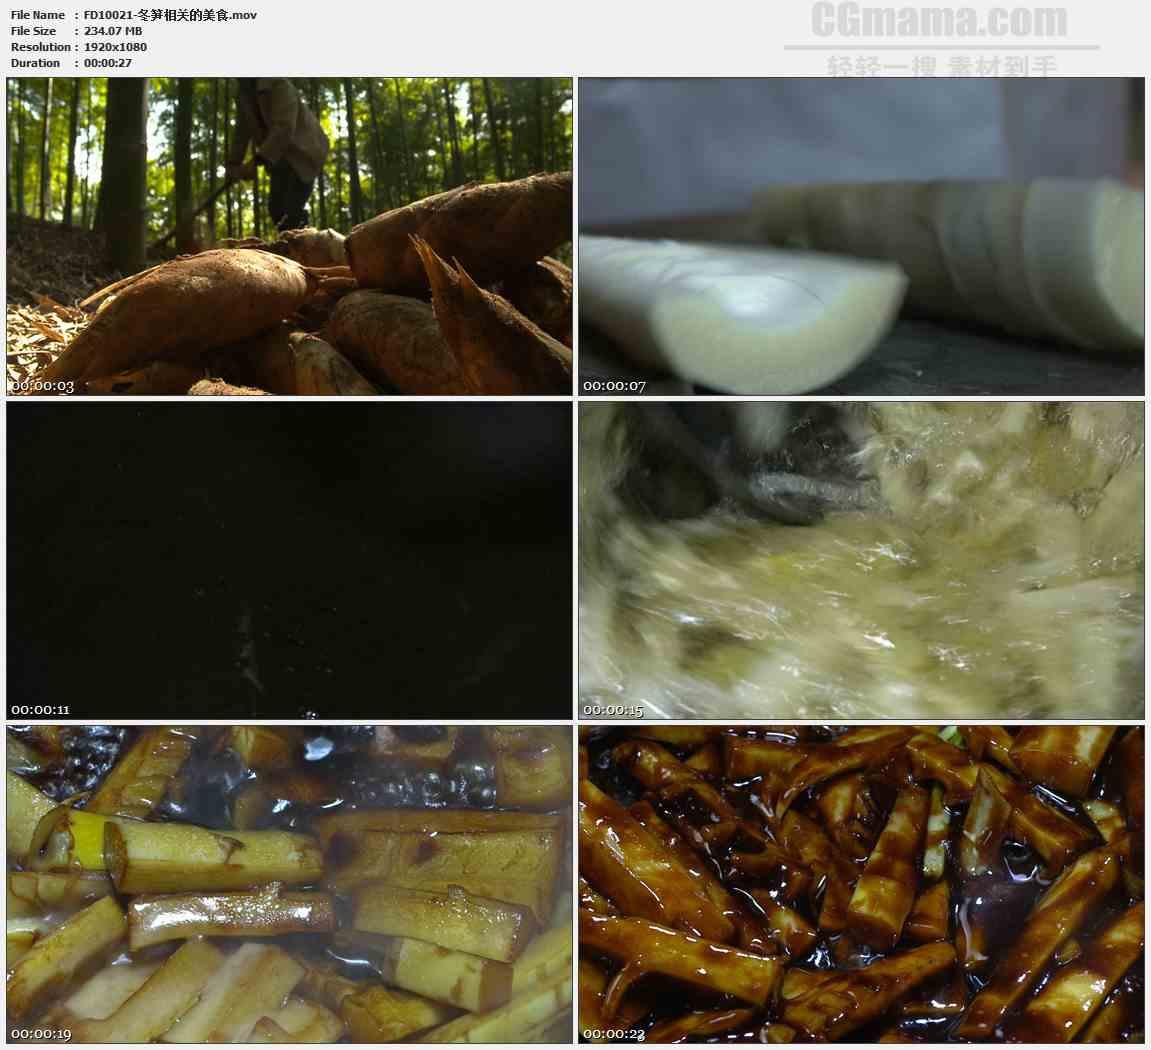 FD10021-刨挖竹笋冬笋切笋片炒菜美食高清实拍视频素材